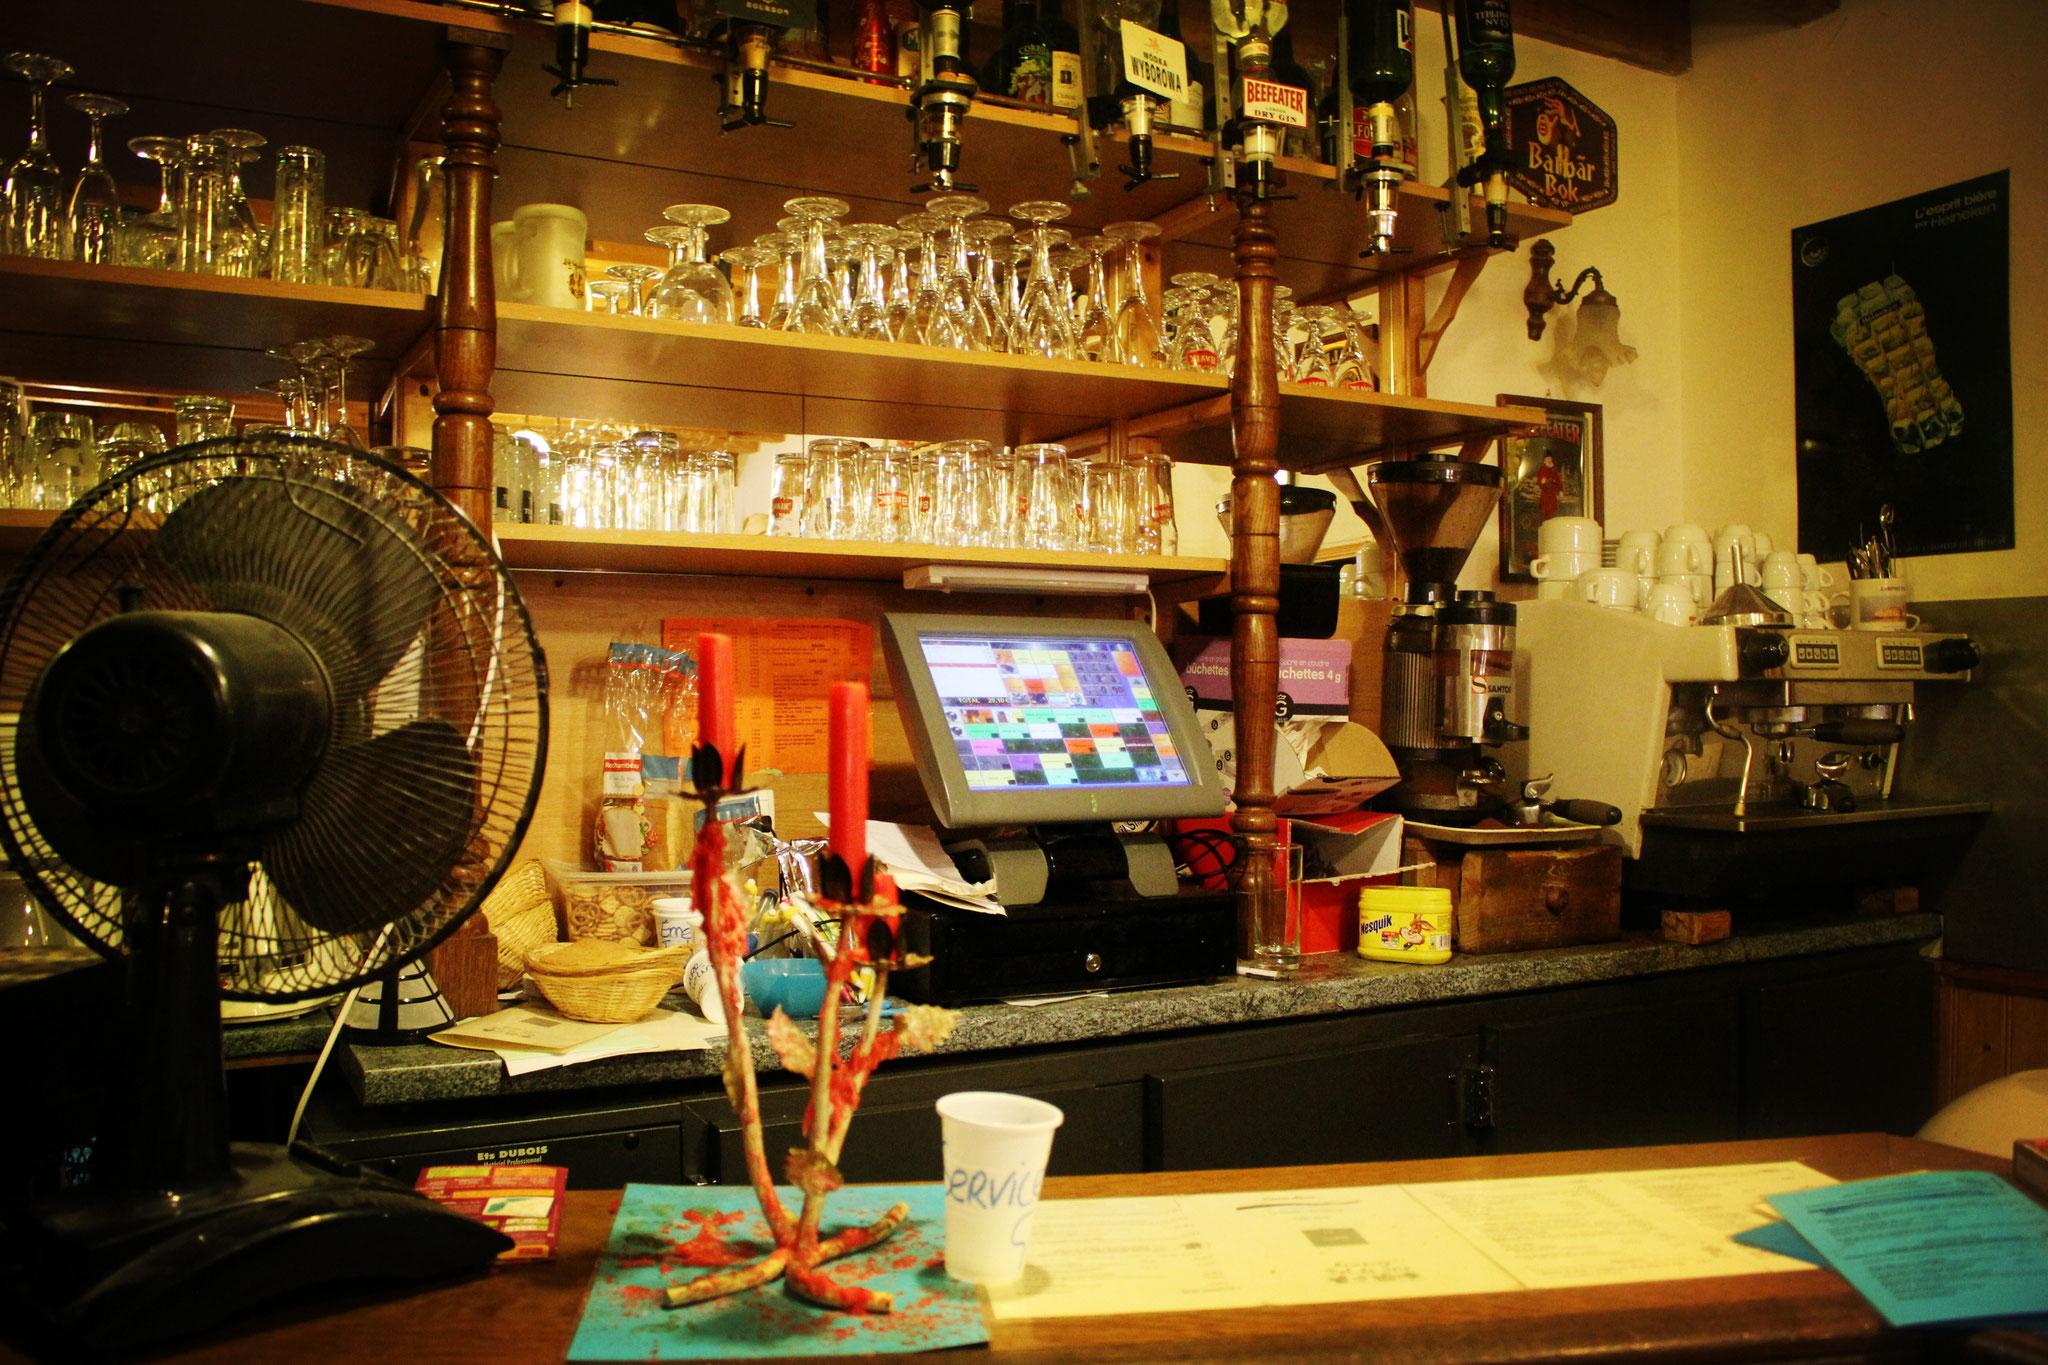 Réserver un séjour insolite avec bar et épicerie dans le camping à St Valery